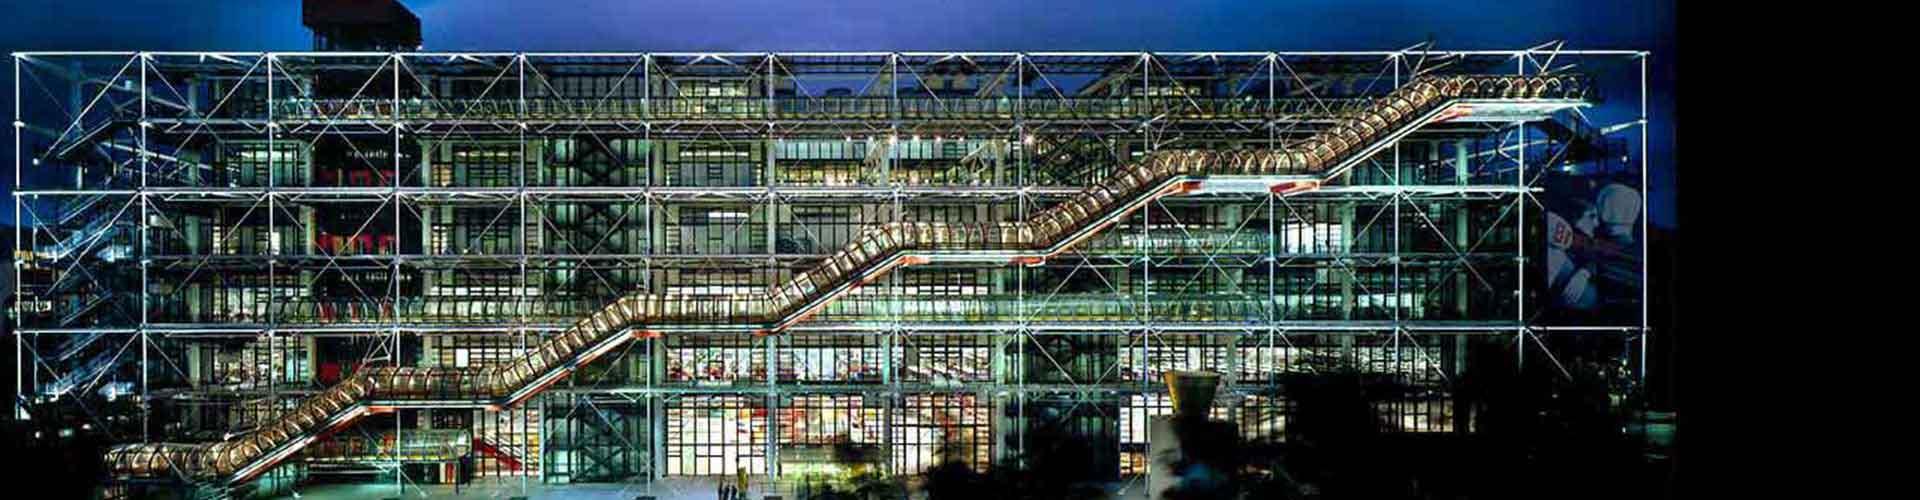 Pariisi – Hostellit lähellä Centre Pompidou. Pariisi -karttoja, valokuvia ja arvosteluja kaikista Pariisi -hostelleista.